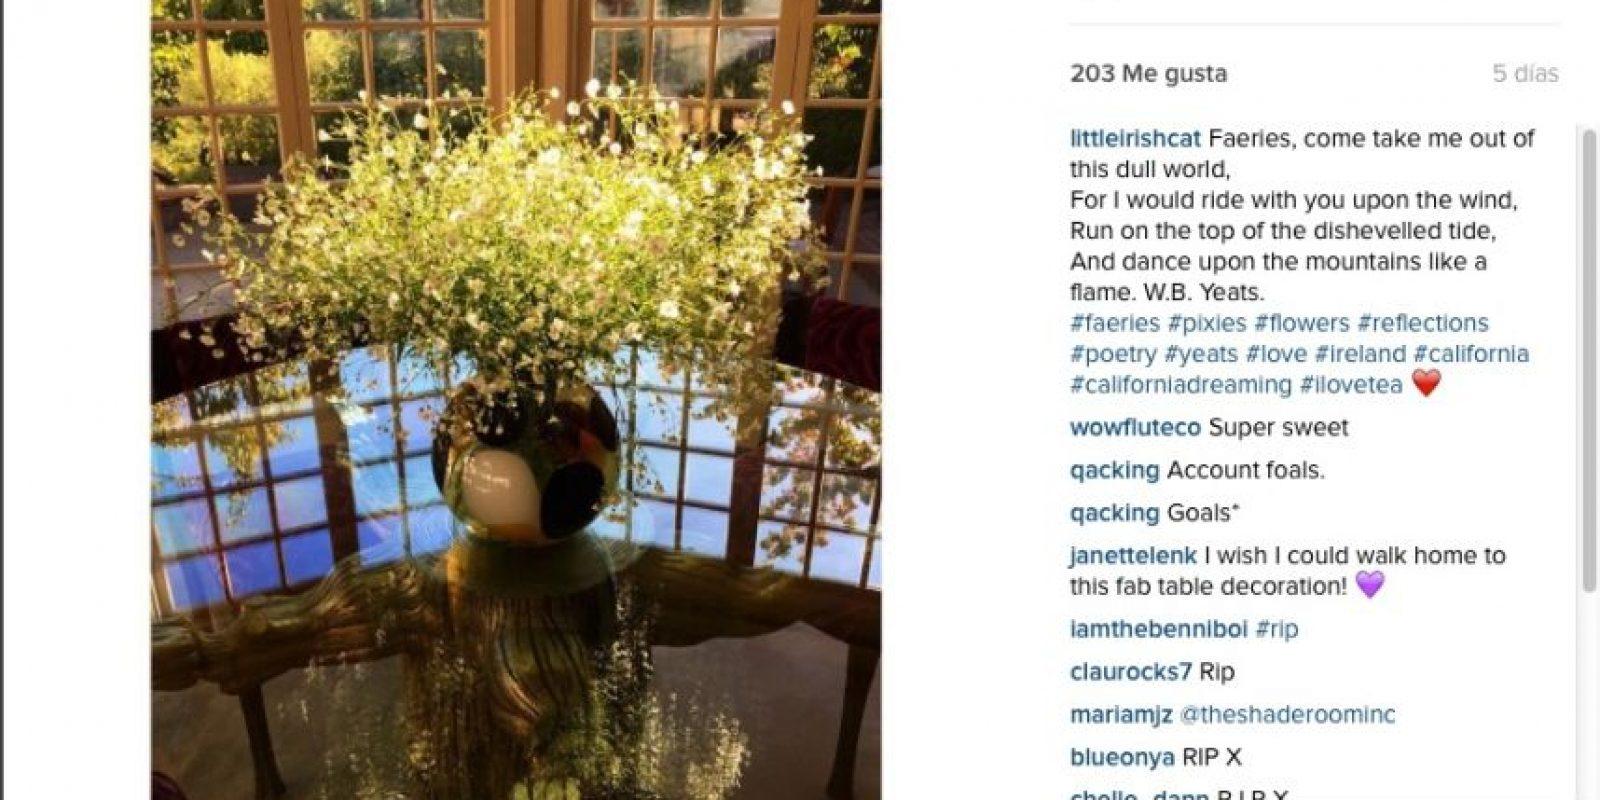 Y dedicó un poema de William Butler Yeats en Instagram Foto:vía instagram/littleirishcat